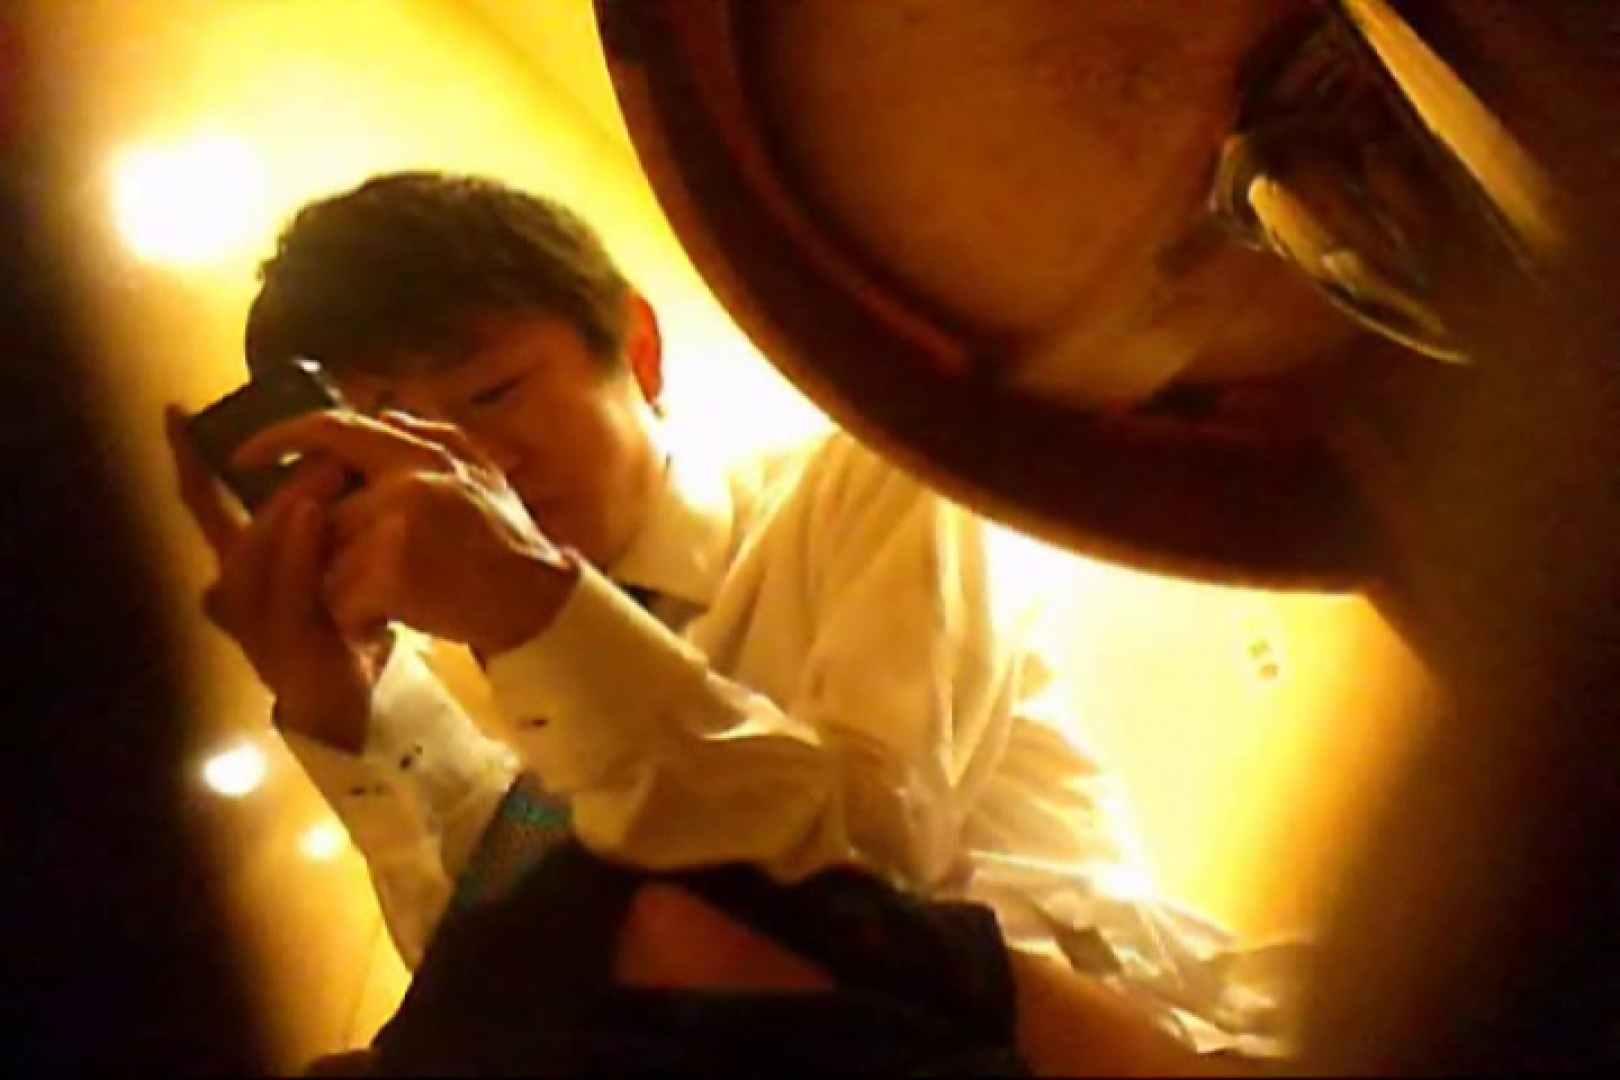 おちんちん|SEASON 3rd!掴み取りさんの洗面所覗き!in新幹線!VOL.25|ノンケ